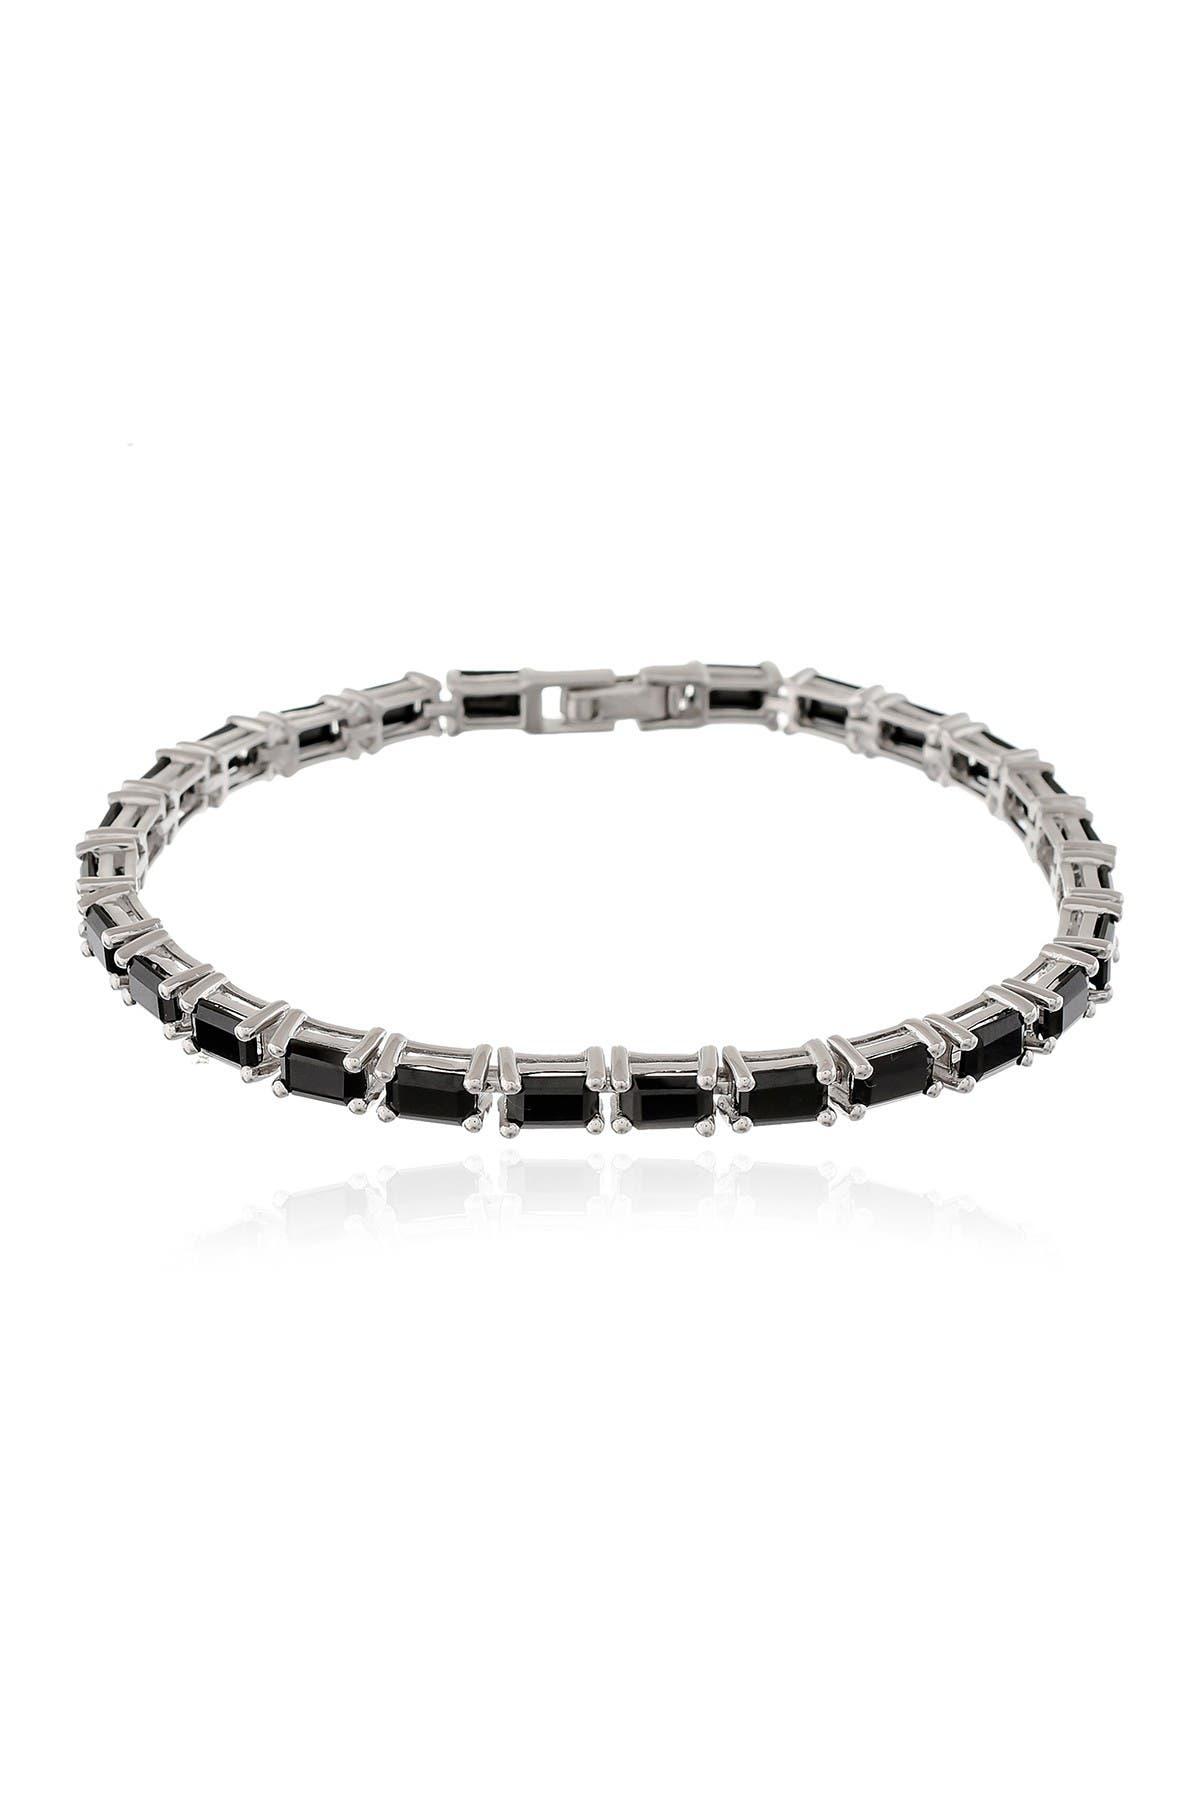 Image of Forever Creations USA Inc. Sterling Silver Black Spinel Bracelet